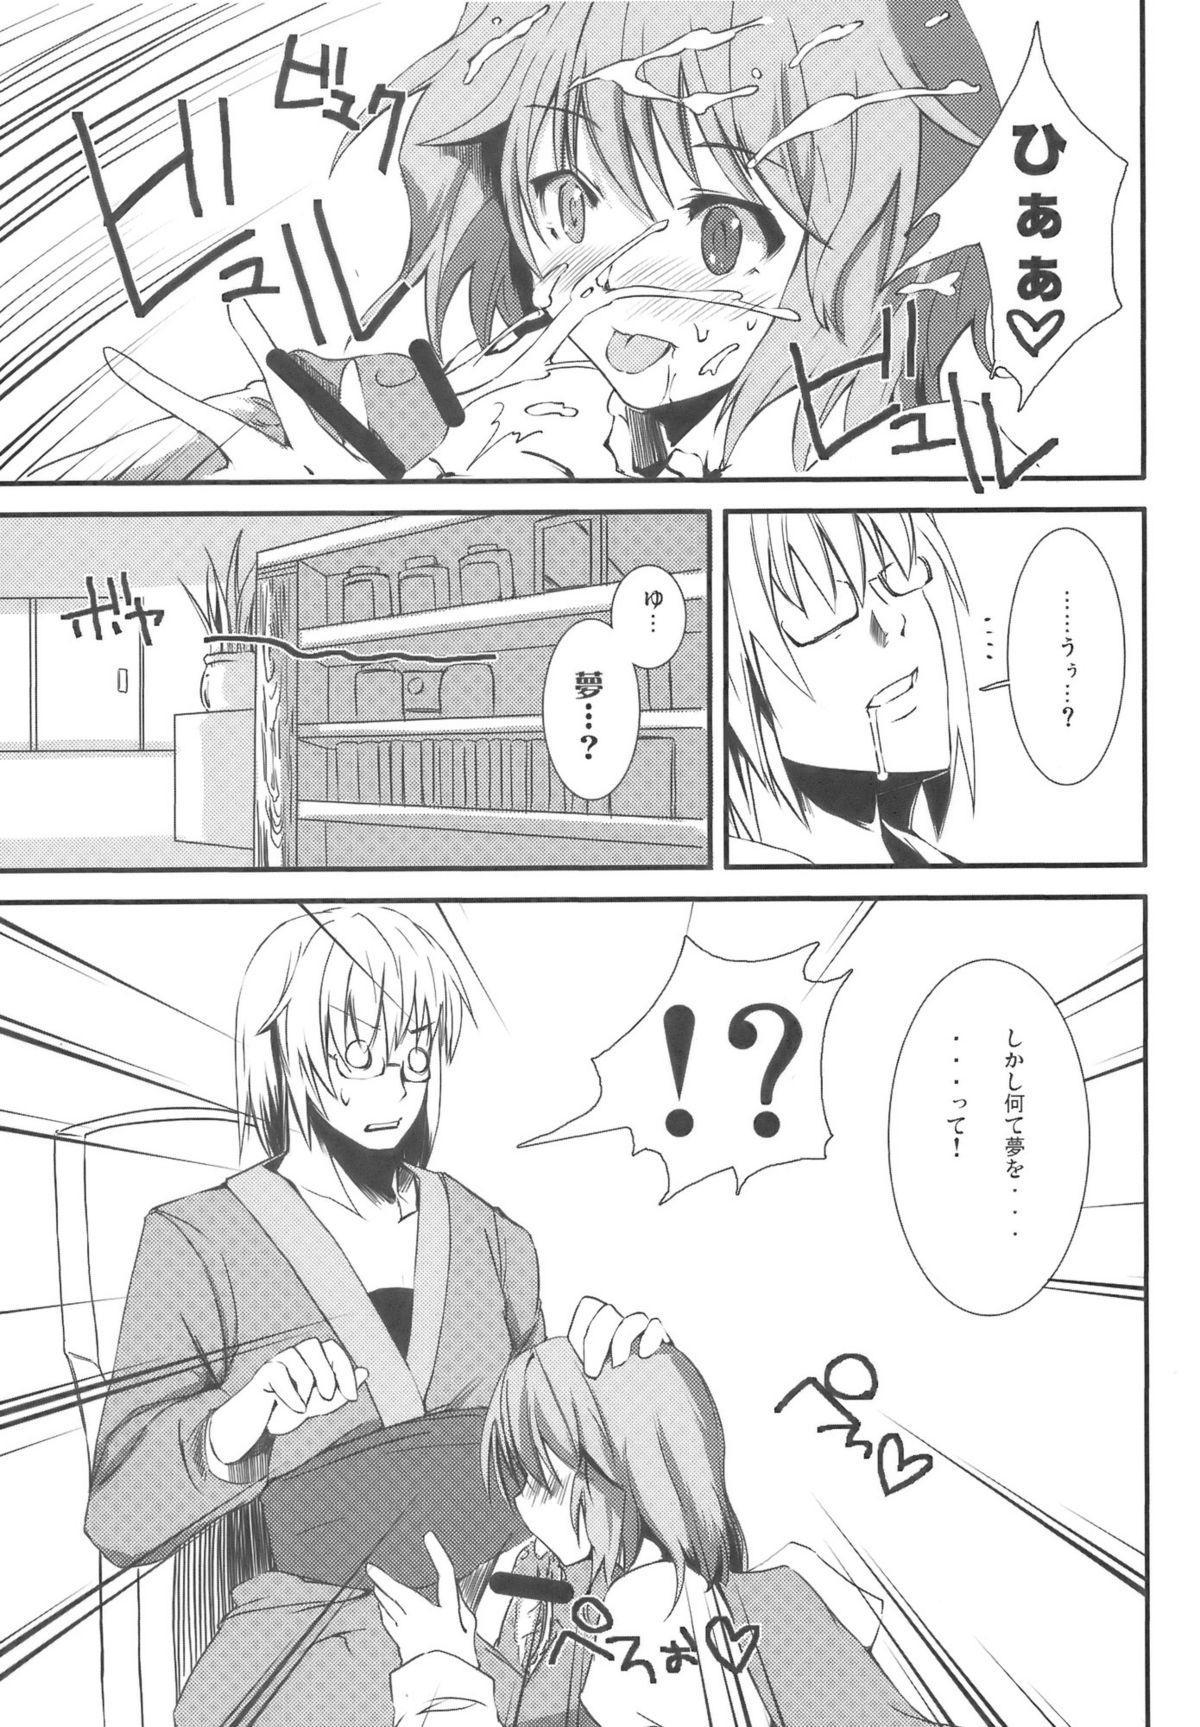 Kasa no Ongaeshi 8